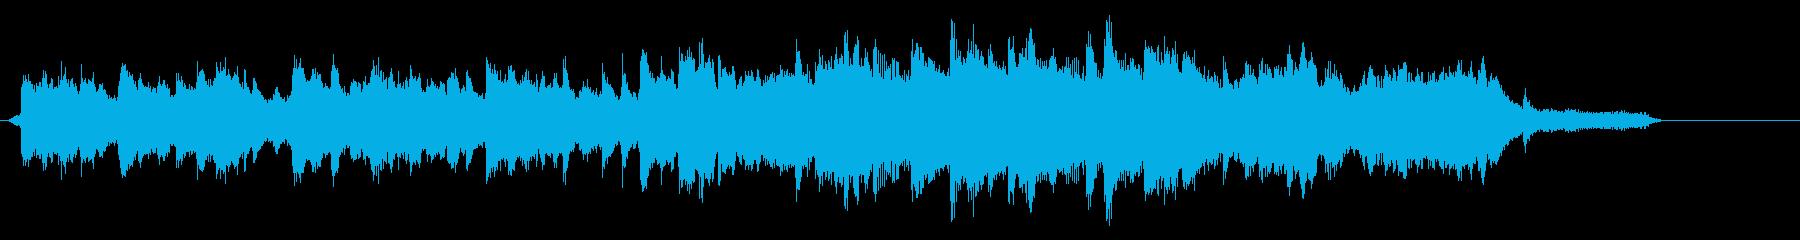 温かい雰囲気の序曲。ピアノとストリングスの再生済みの波形